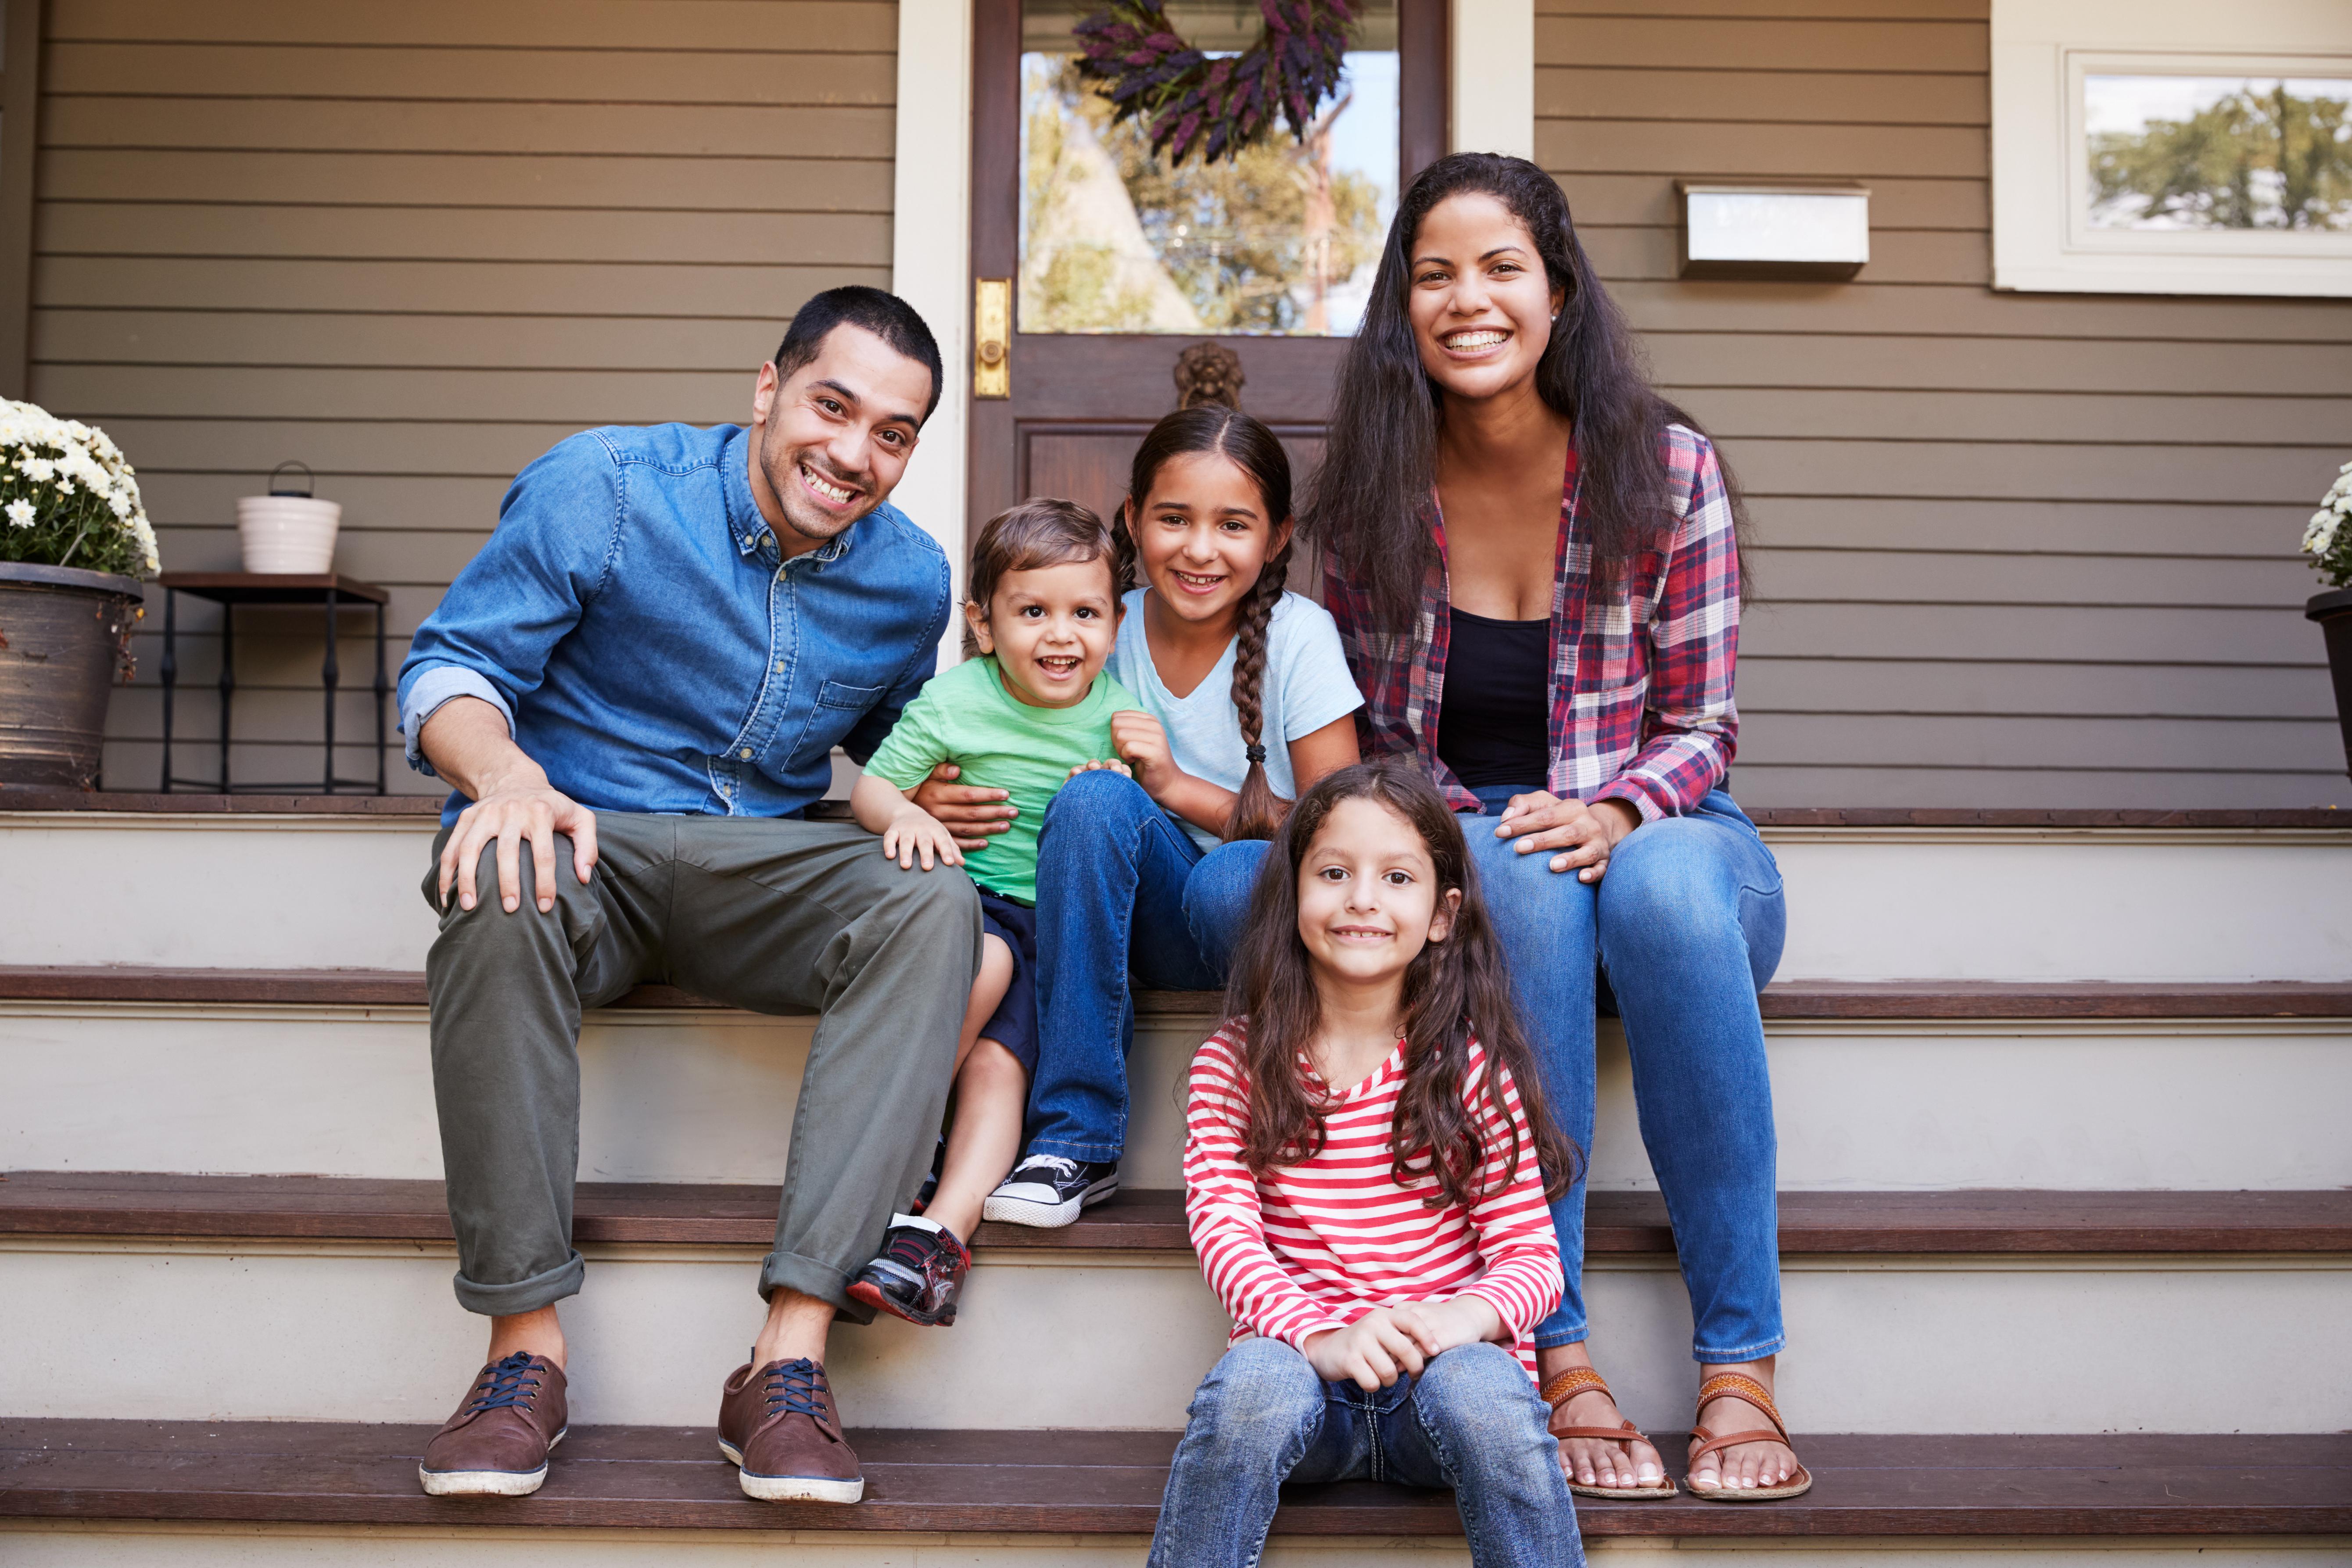 insurance deals happy family